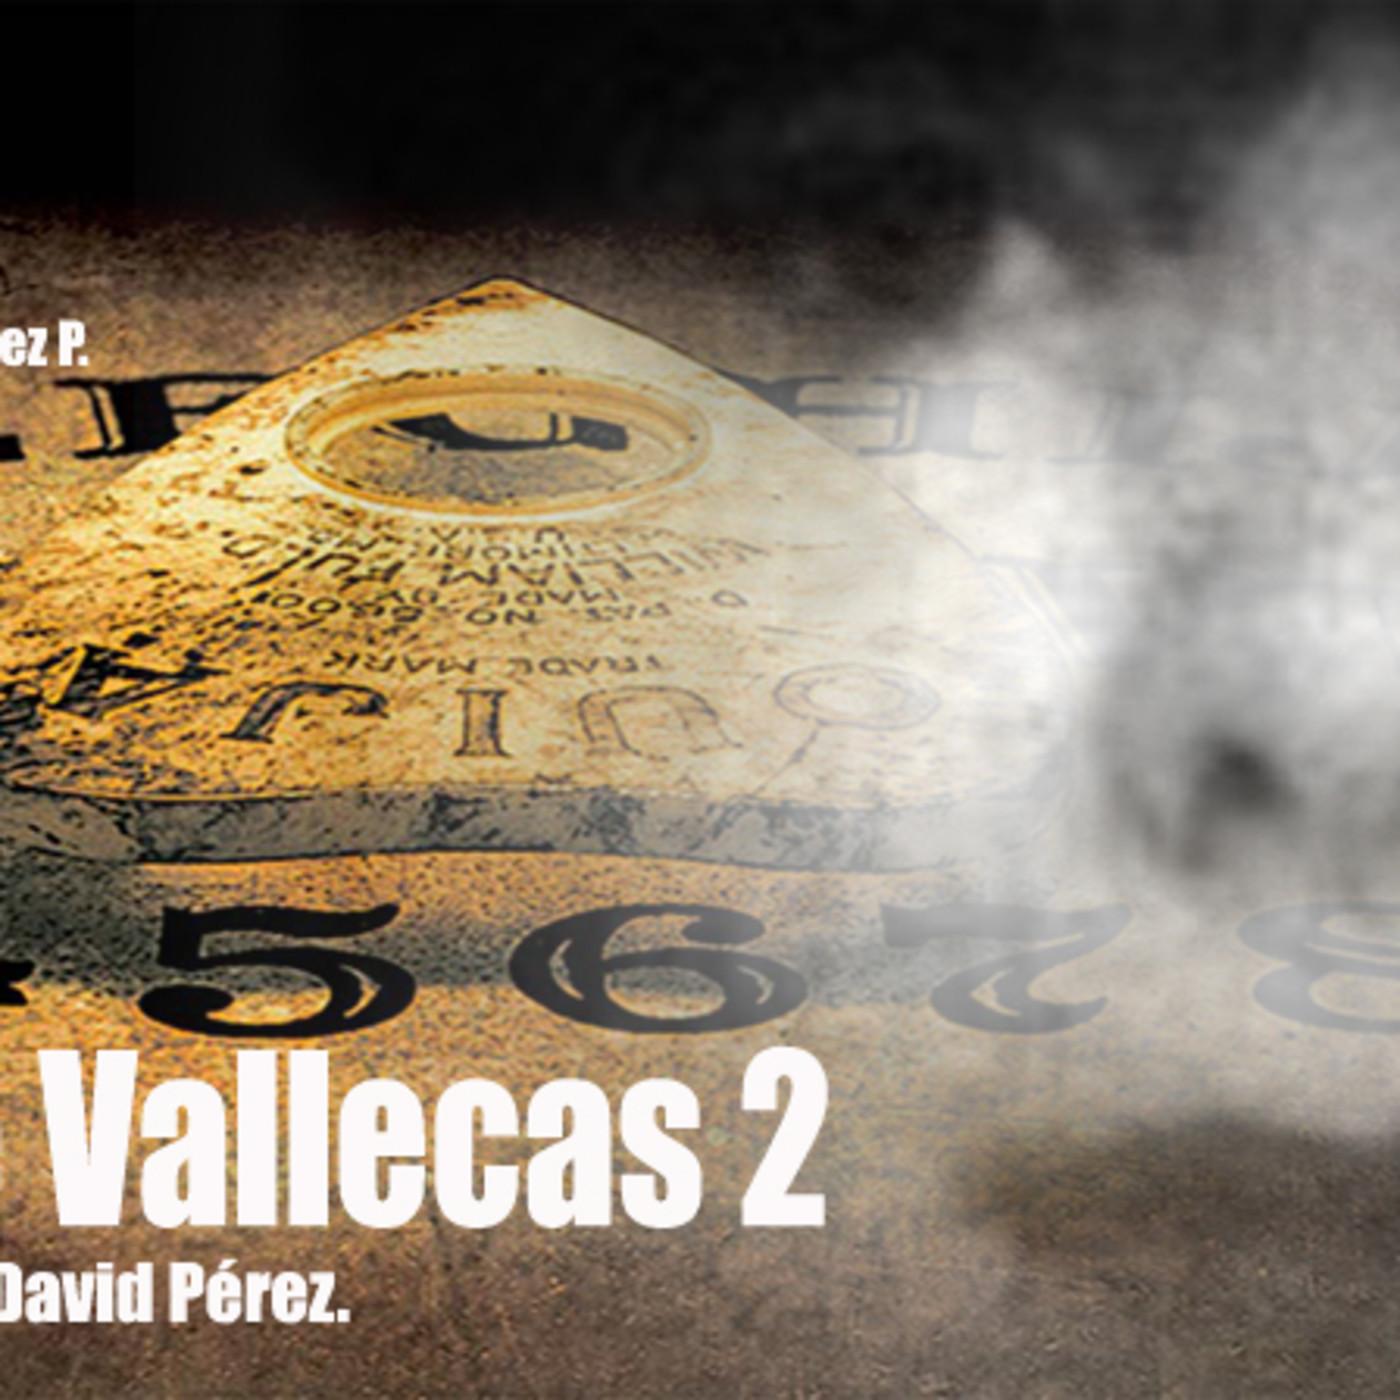 Enigma03 Expediente Vallecas II (21-12-2019) en Podcast ...